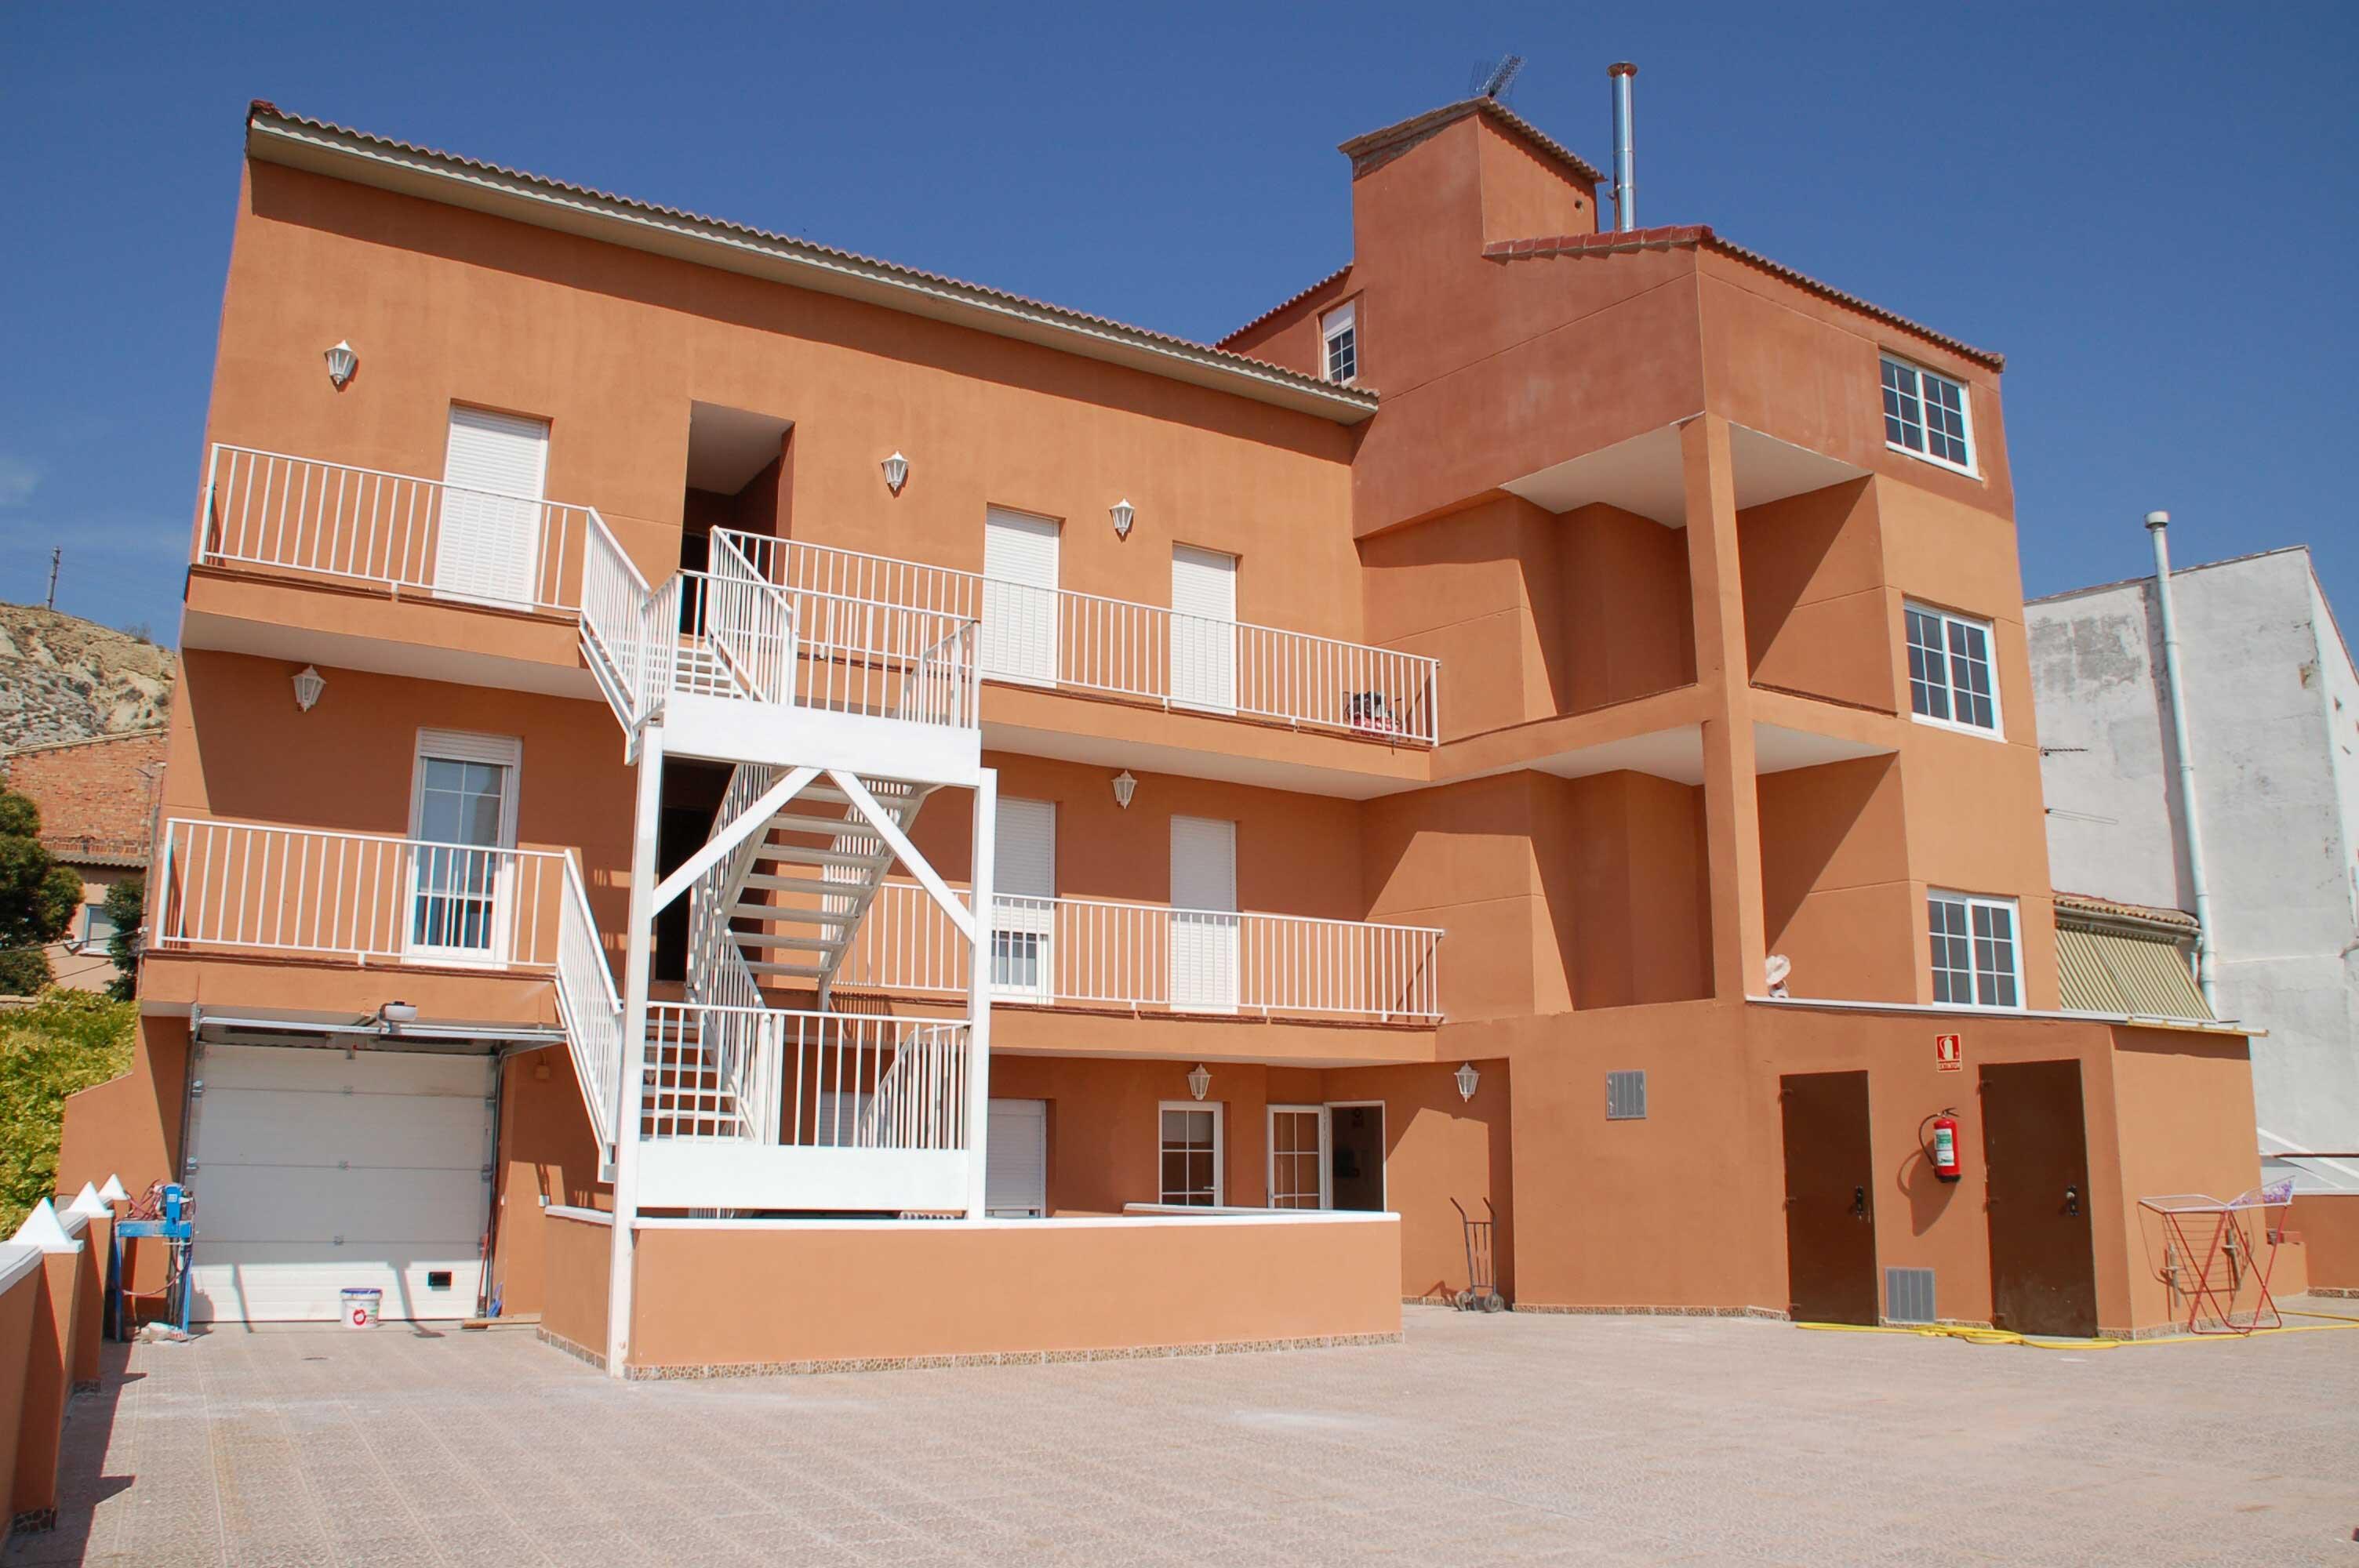 Residencia de ancianos Juslibol Zaragoza